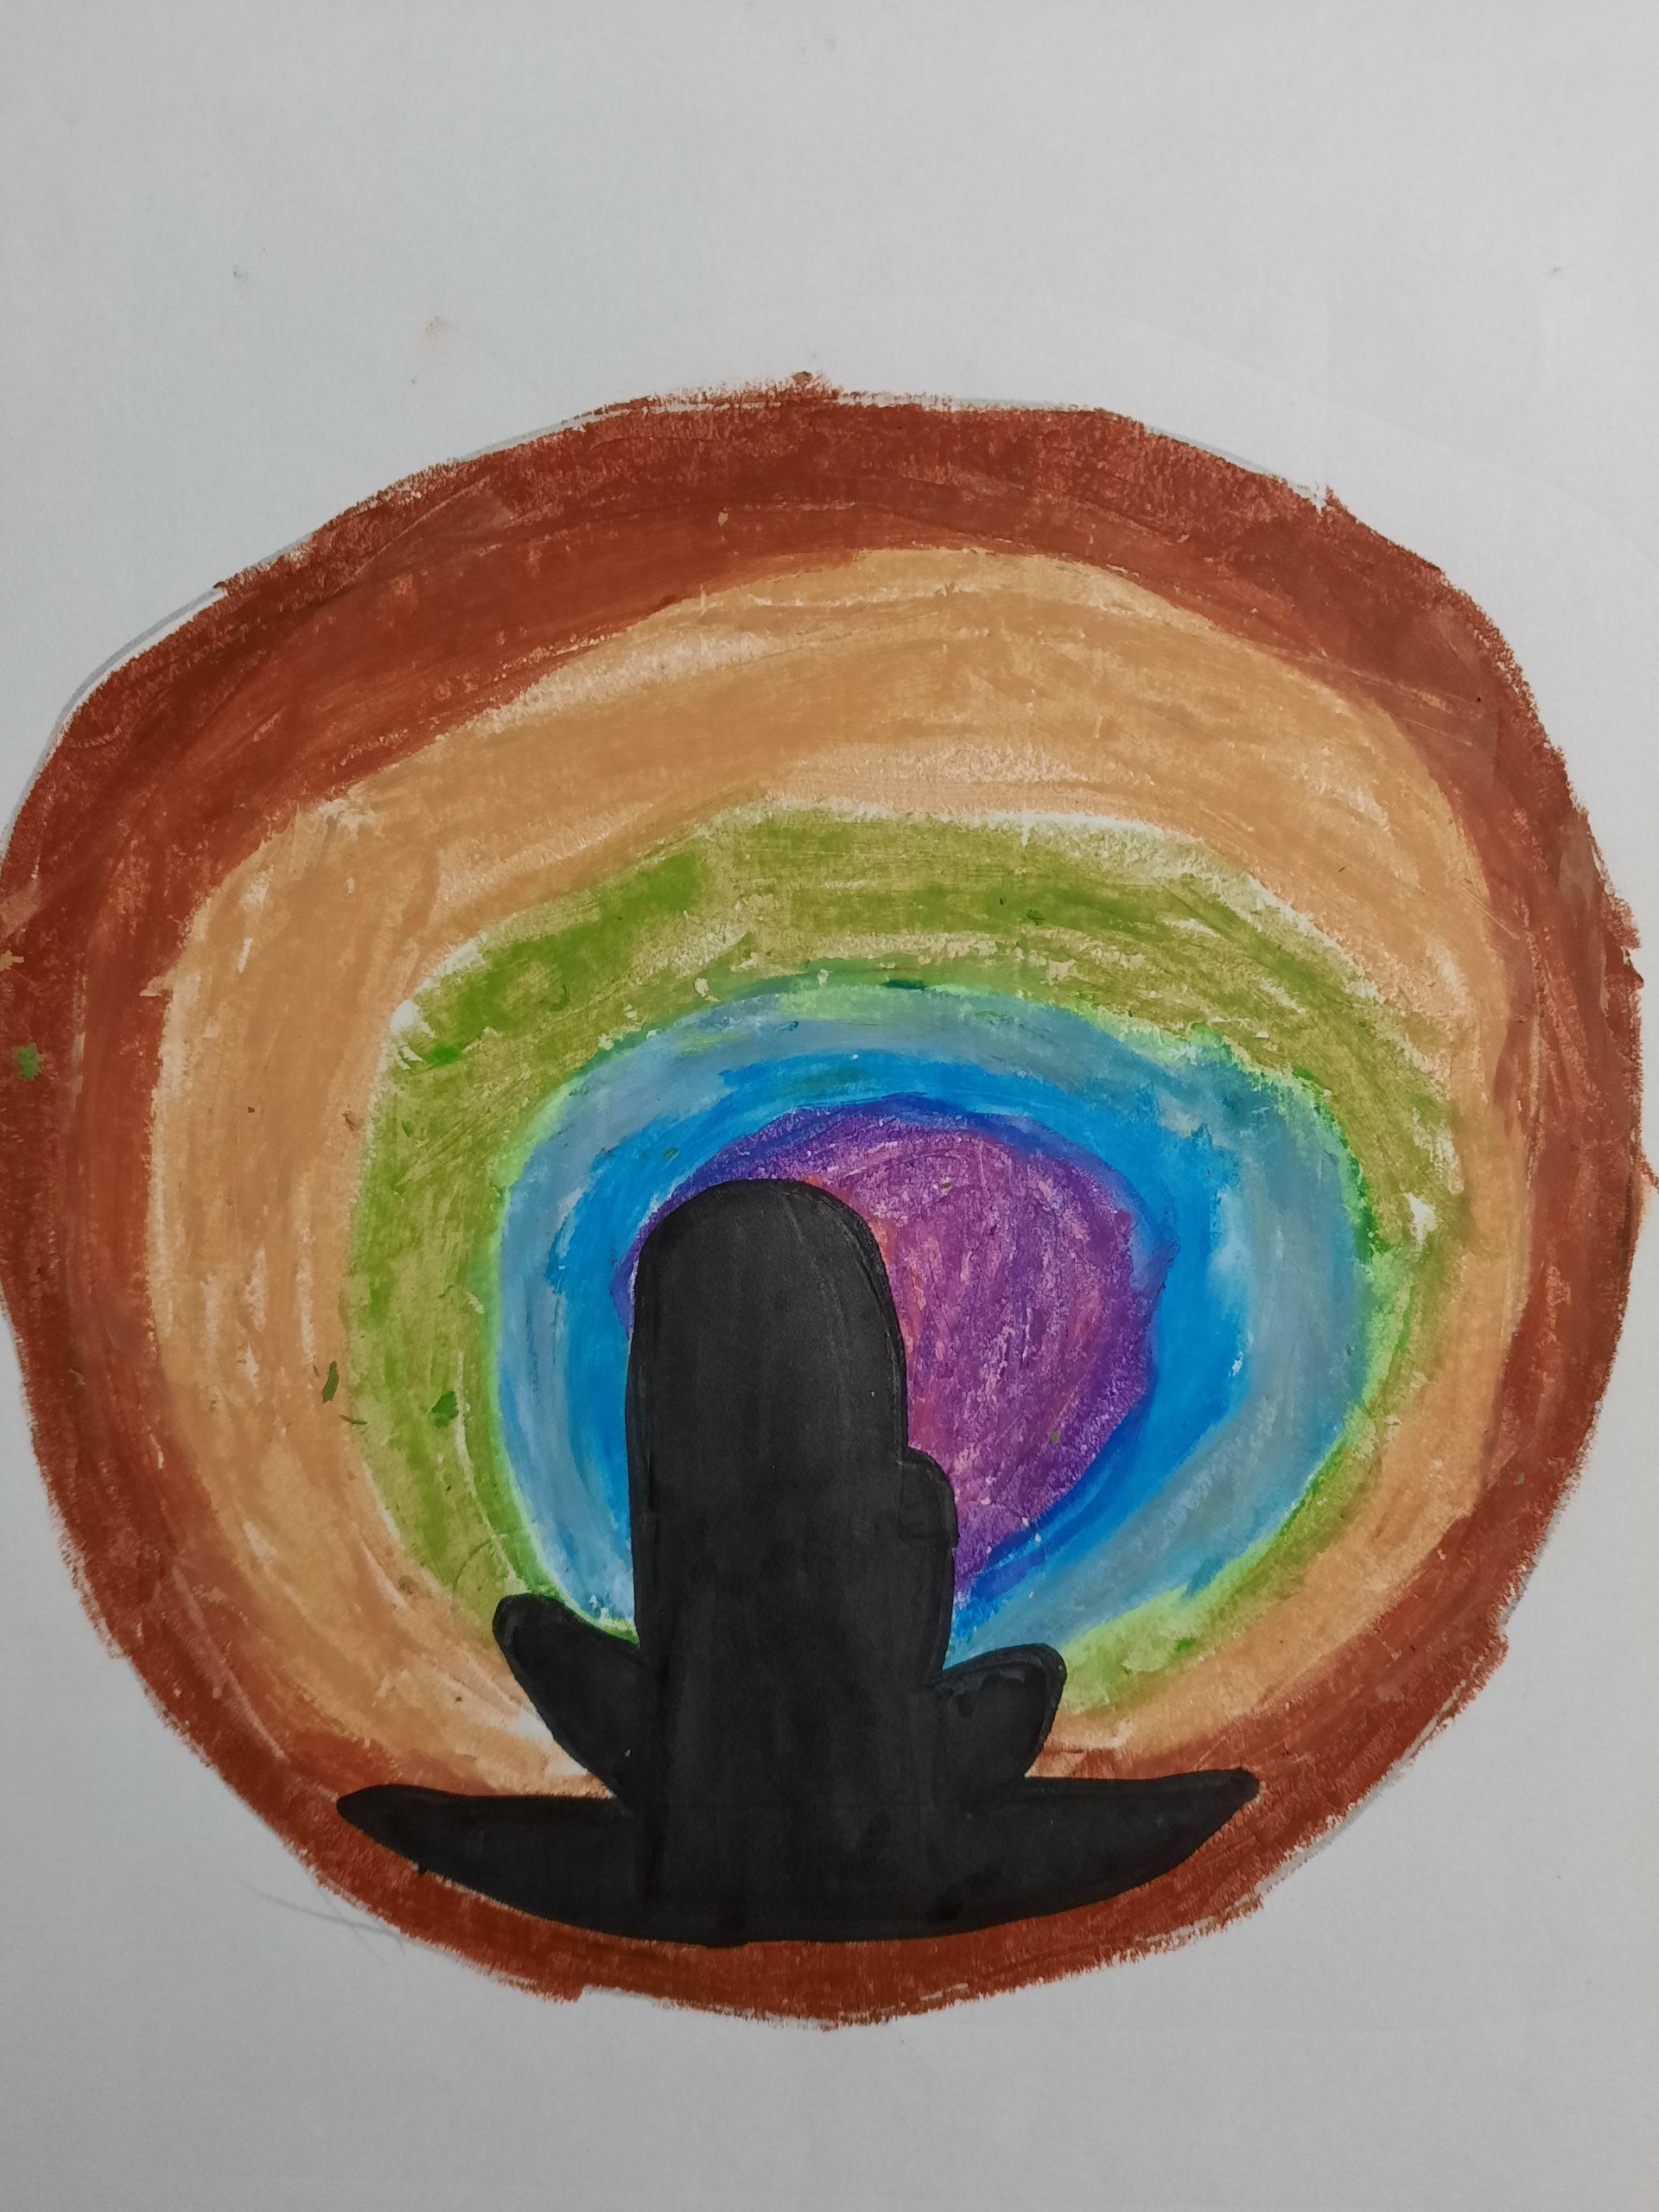 Image depicting Yoga Day